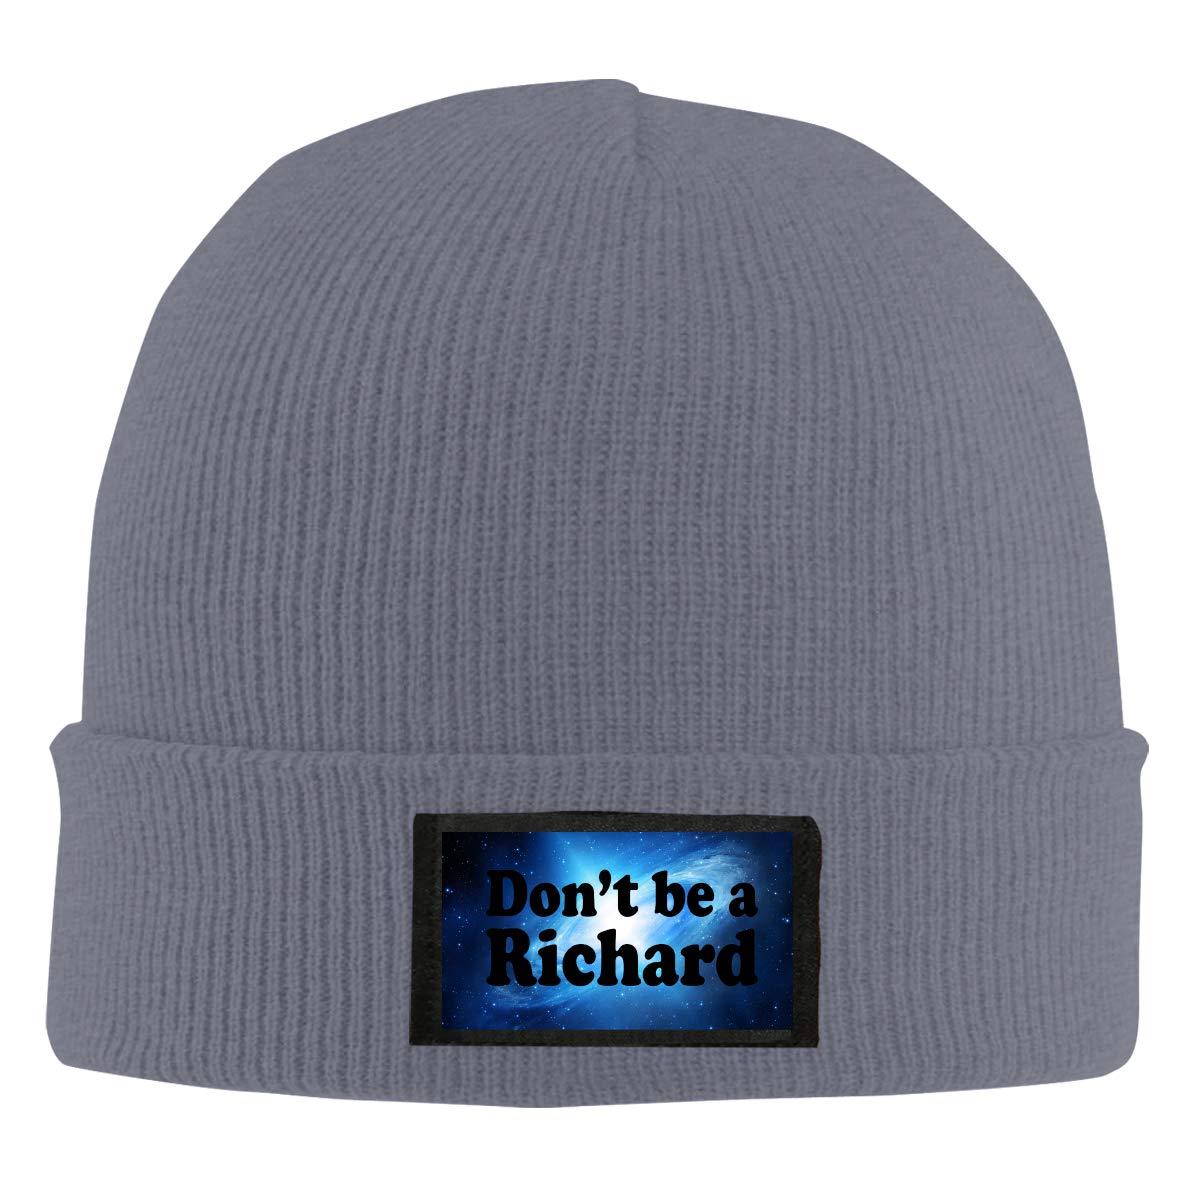 Xdinfong Dont Be A Richard Winter Beanie Hat Knit Hat Cap for Men /& Women